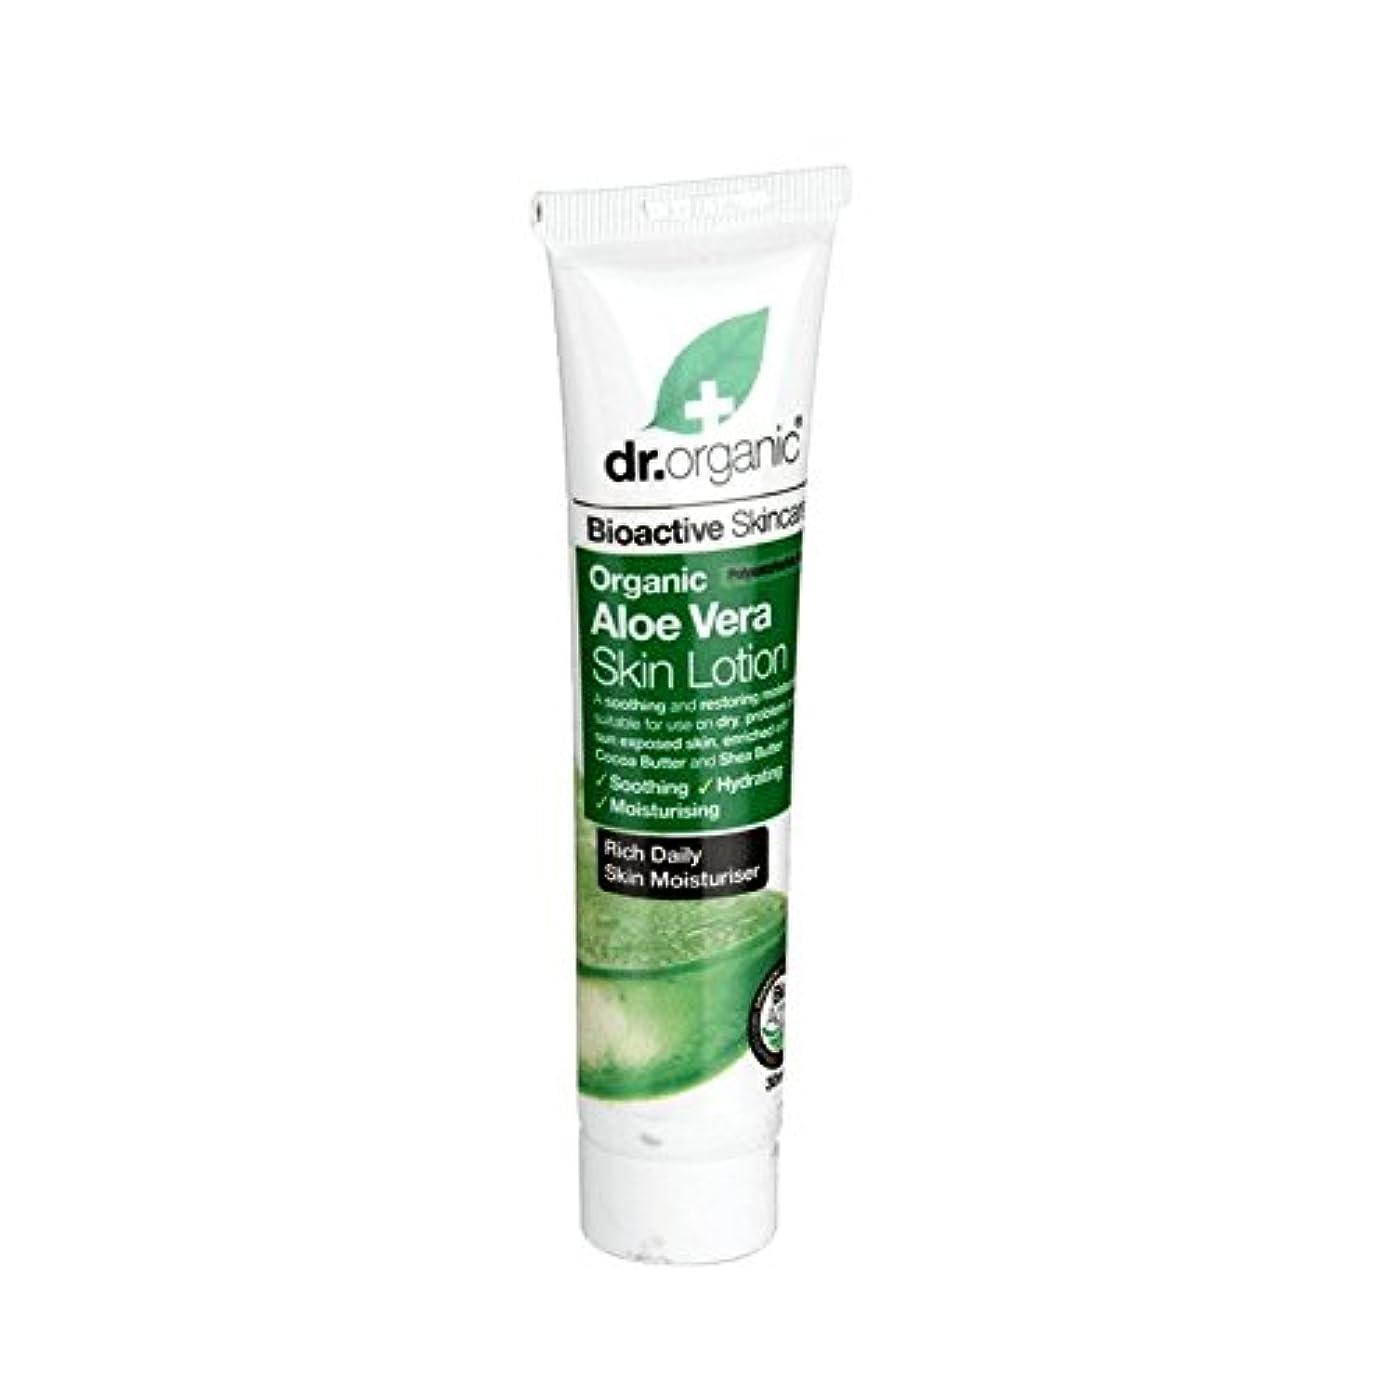 作詞家プランターパスタDr有機アロエベラの旅行スキンローション30ミリリットル - Dr Organic Aloe Vera Travel Skin Lotion 30ml (Dr Organic) [並行輸入品]